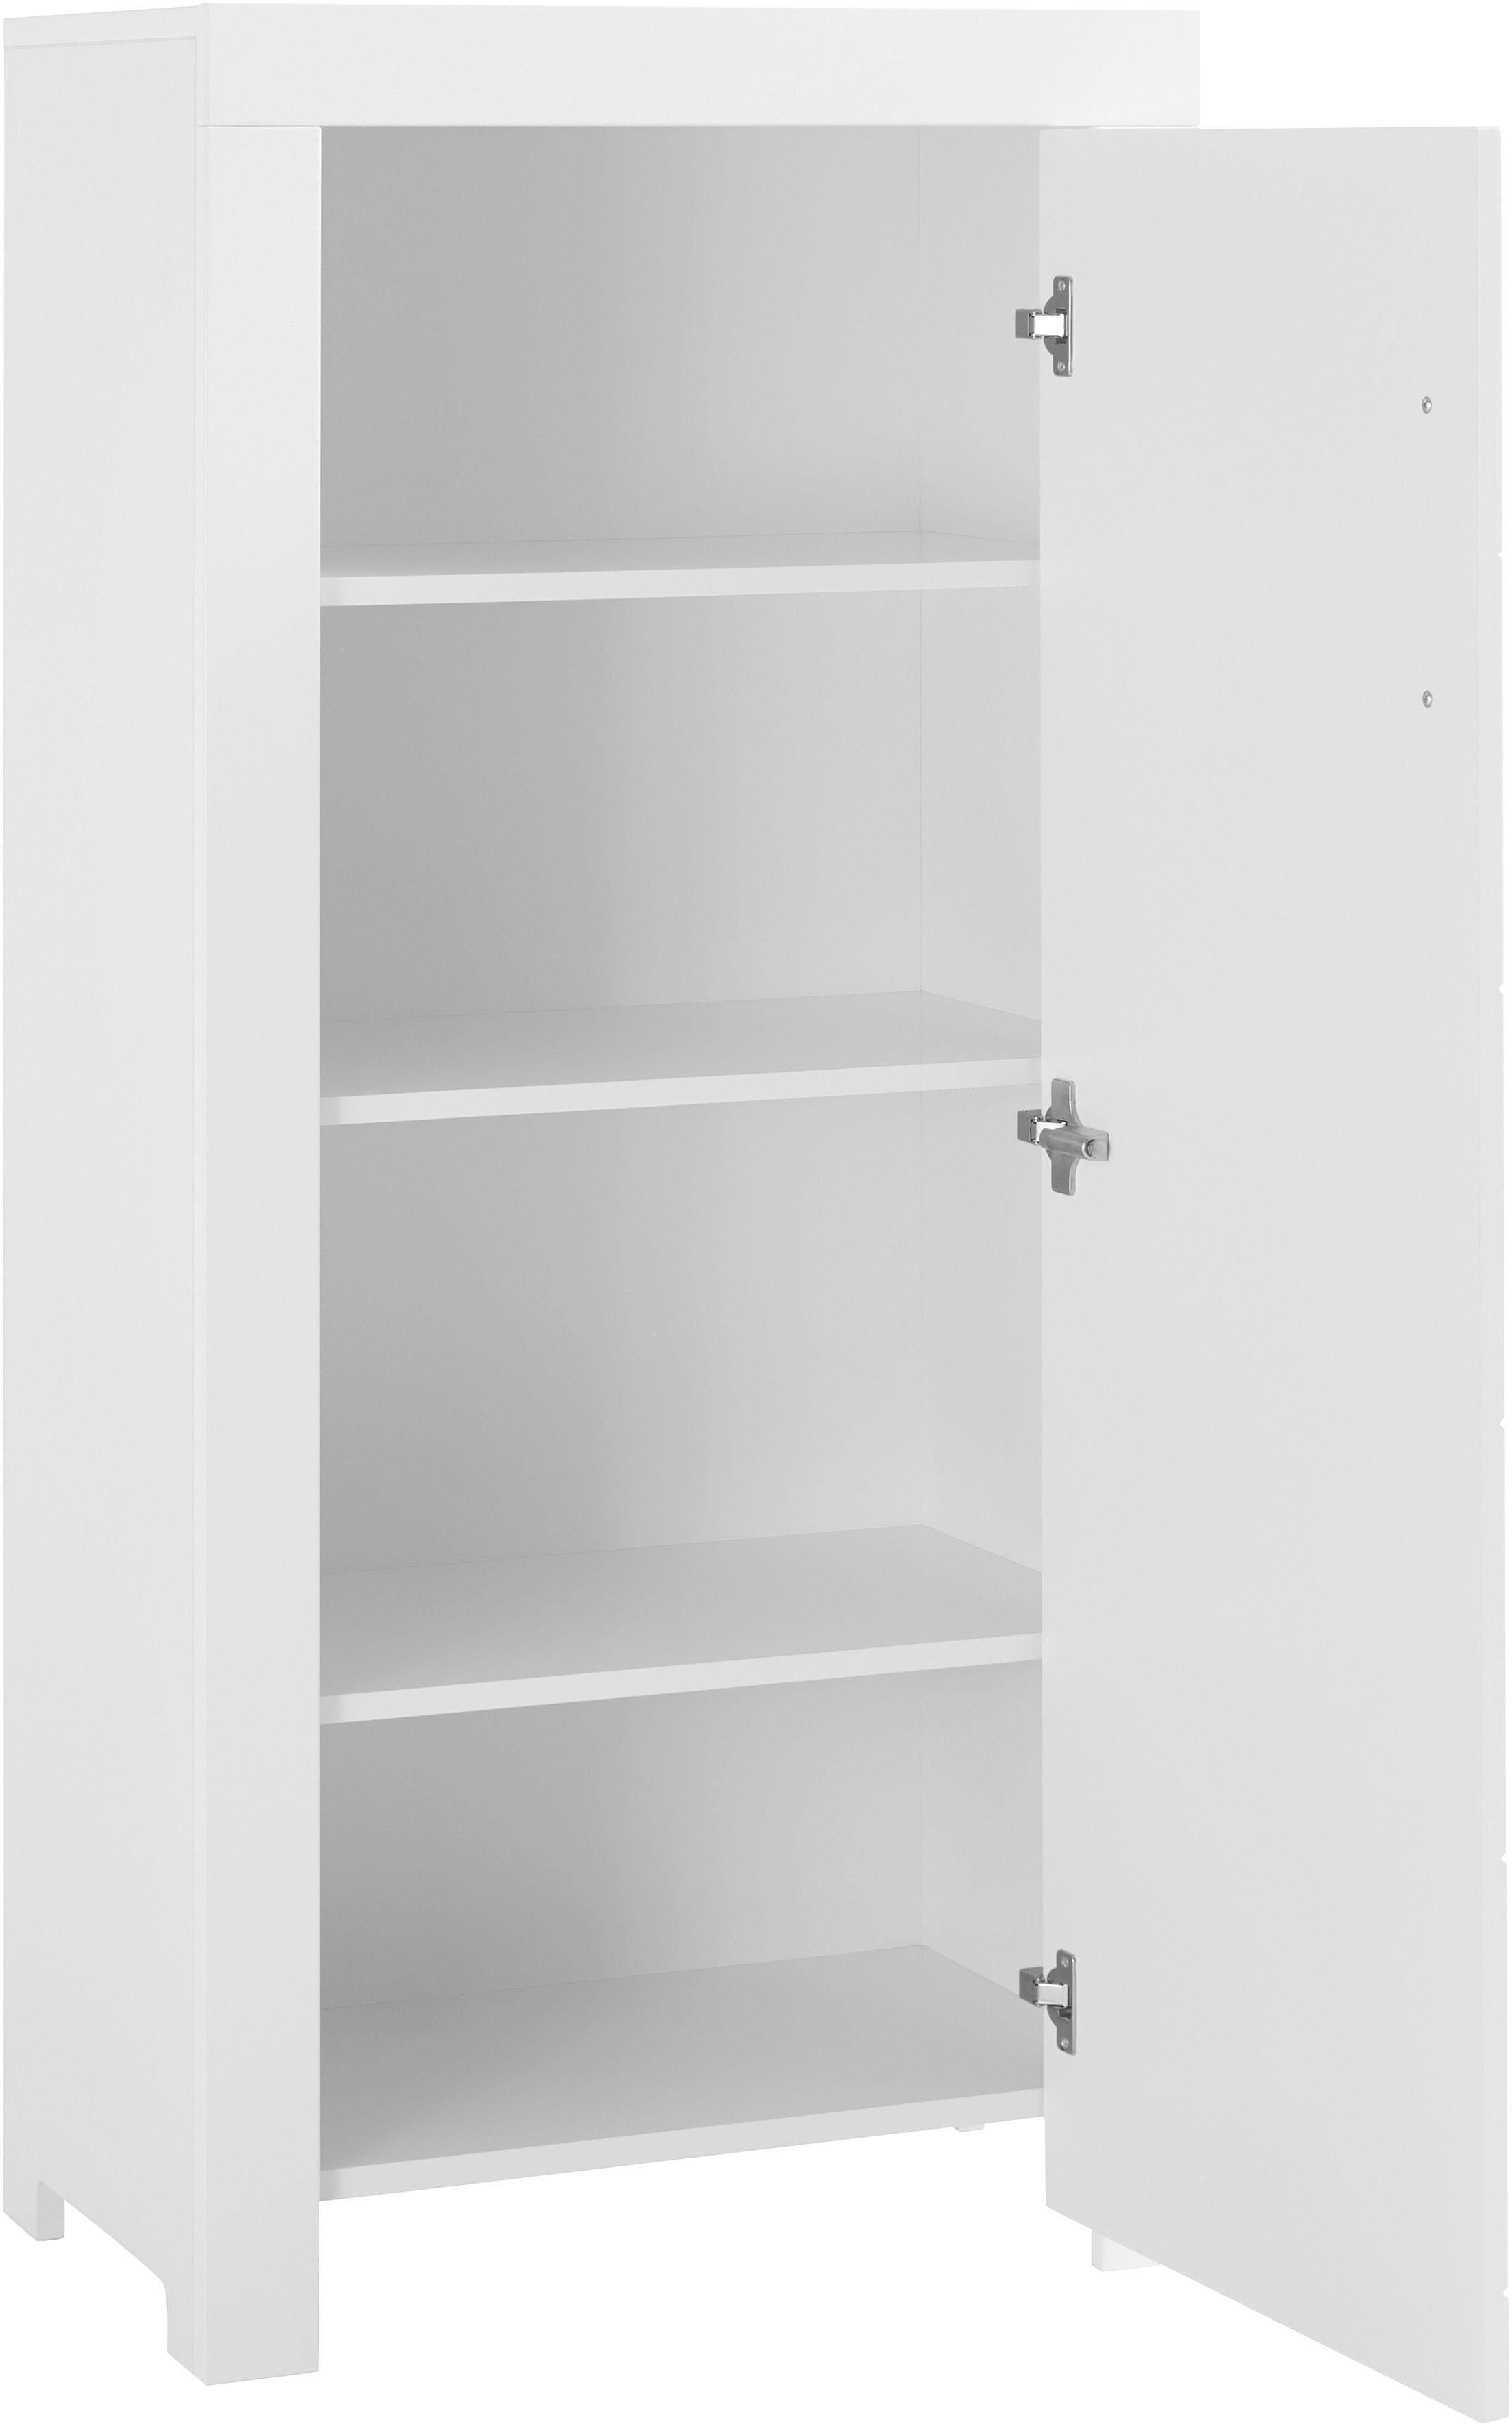 Stauraumschrank-Allzweck-Schrank-Inosign-Damenmode-Overalls-Dielenschraenke Indexbild 3